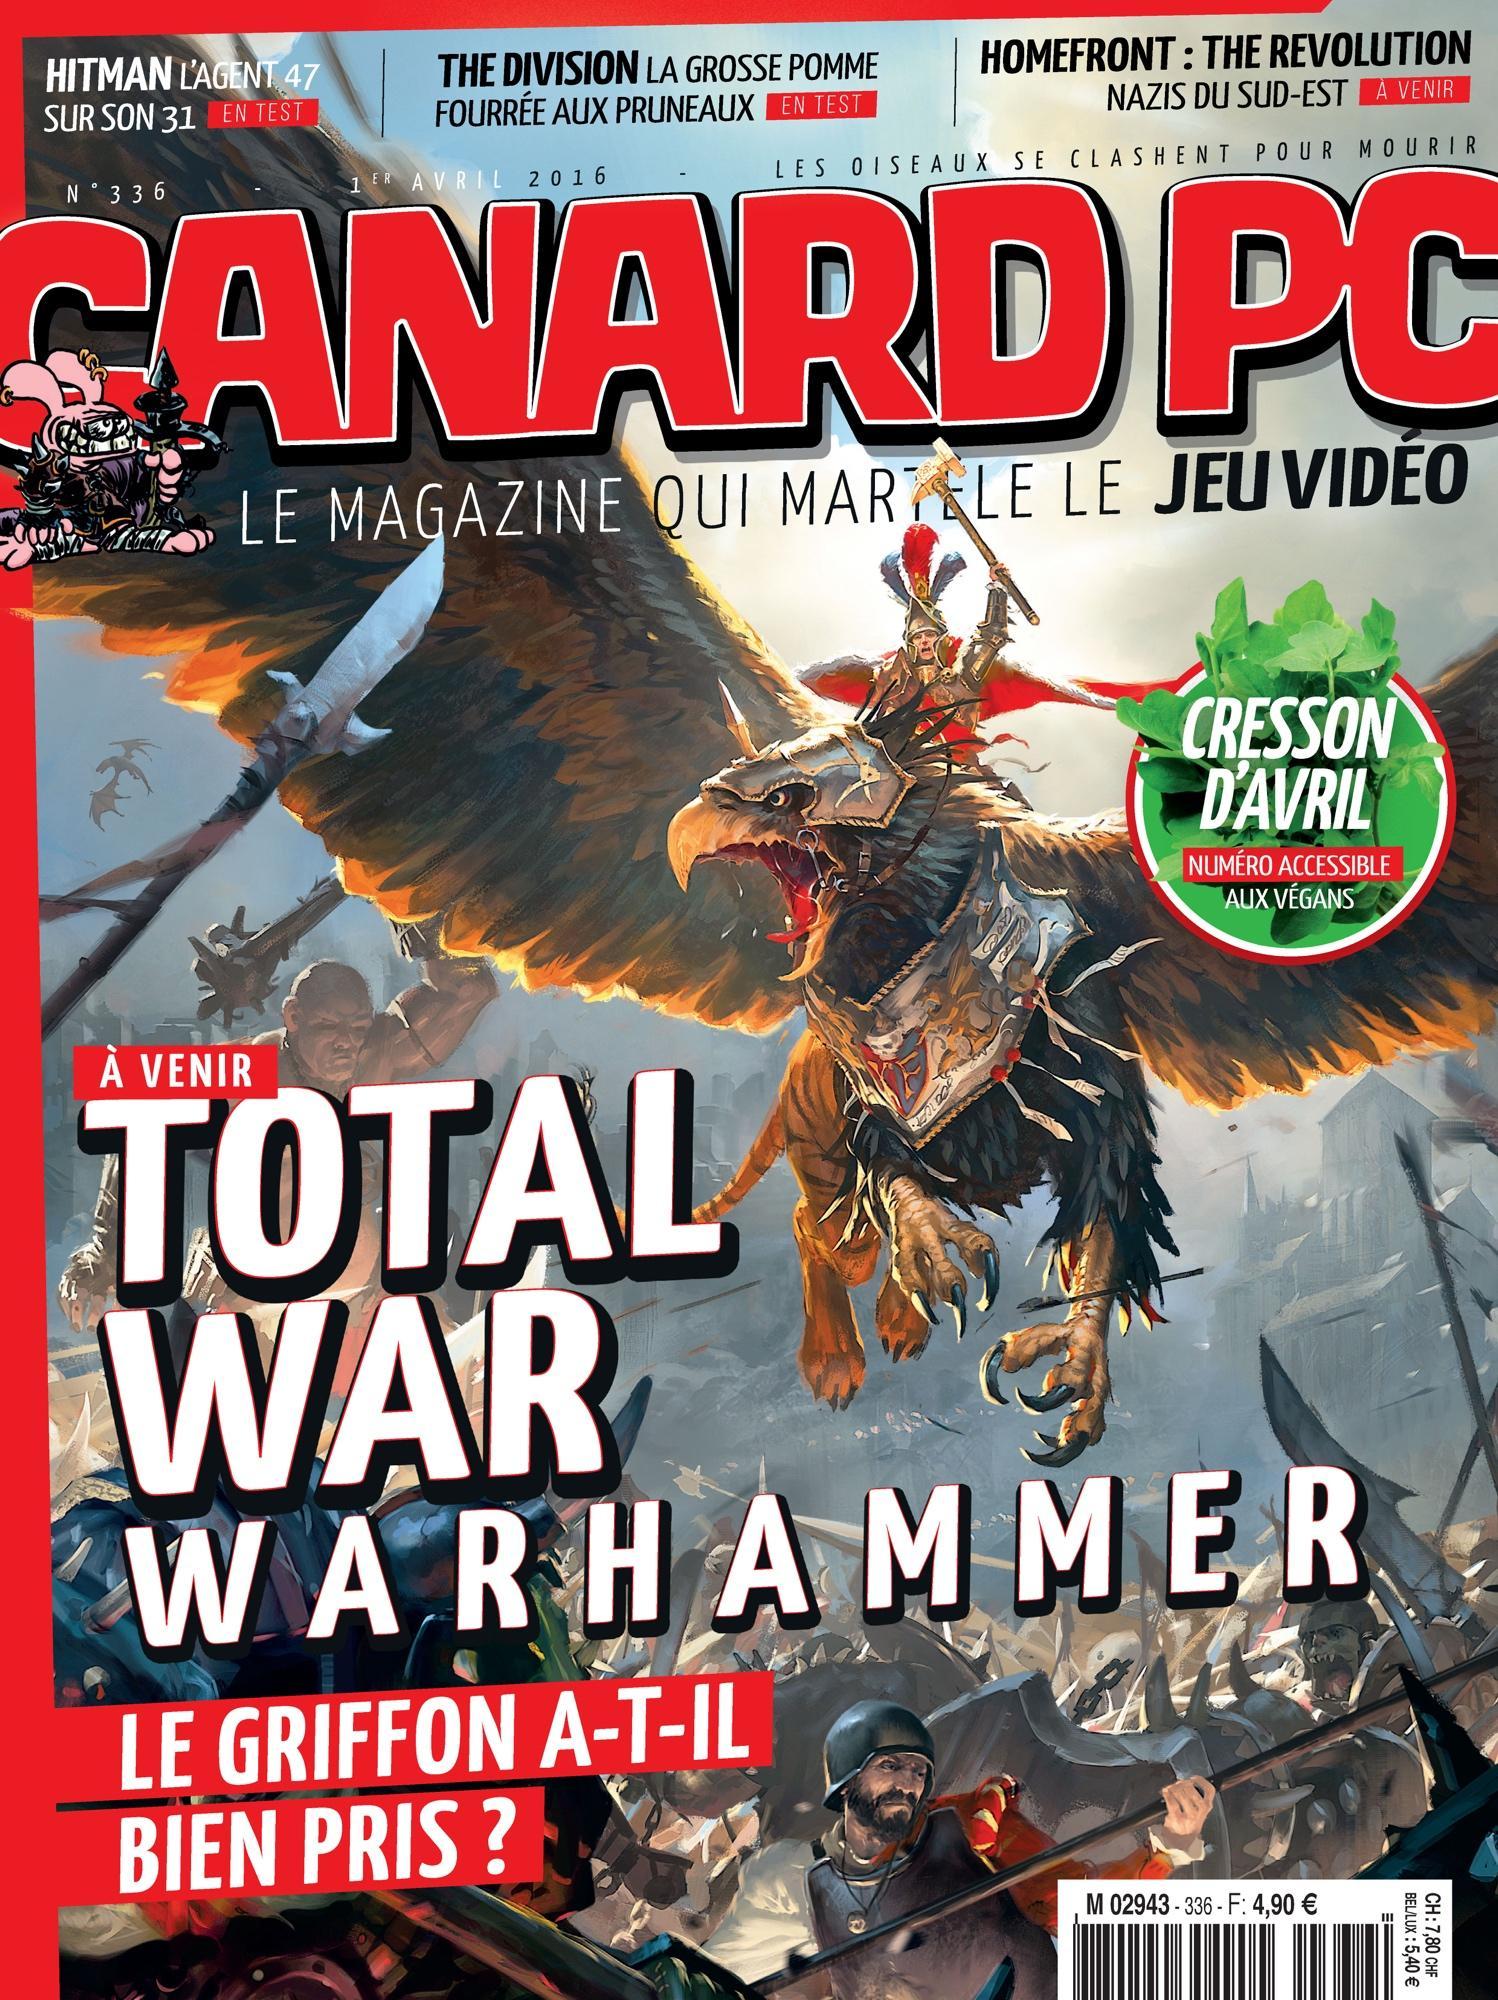 Deux numéros  de Canard PC (édition numérique) gratuits